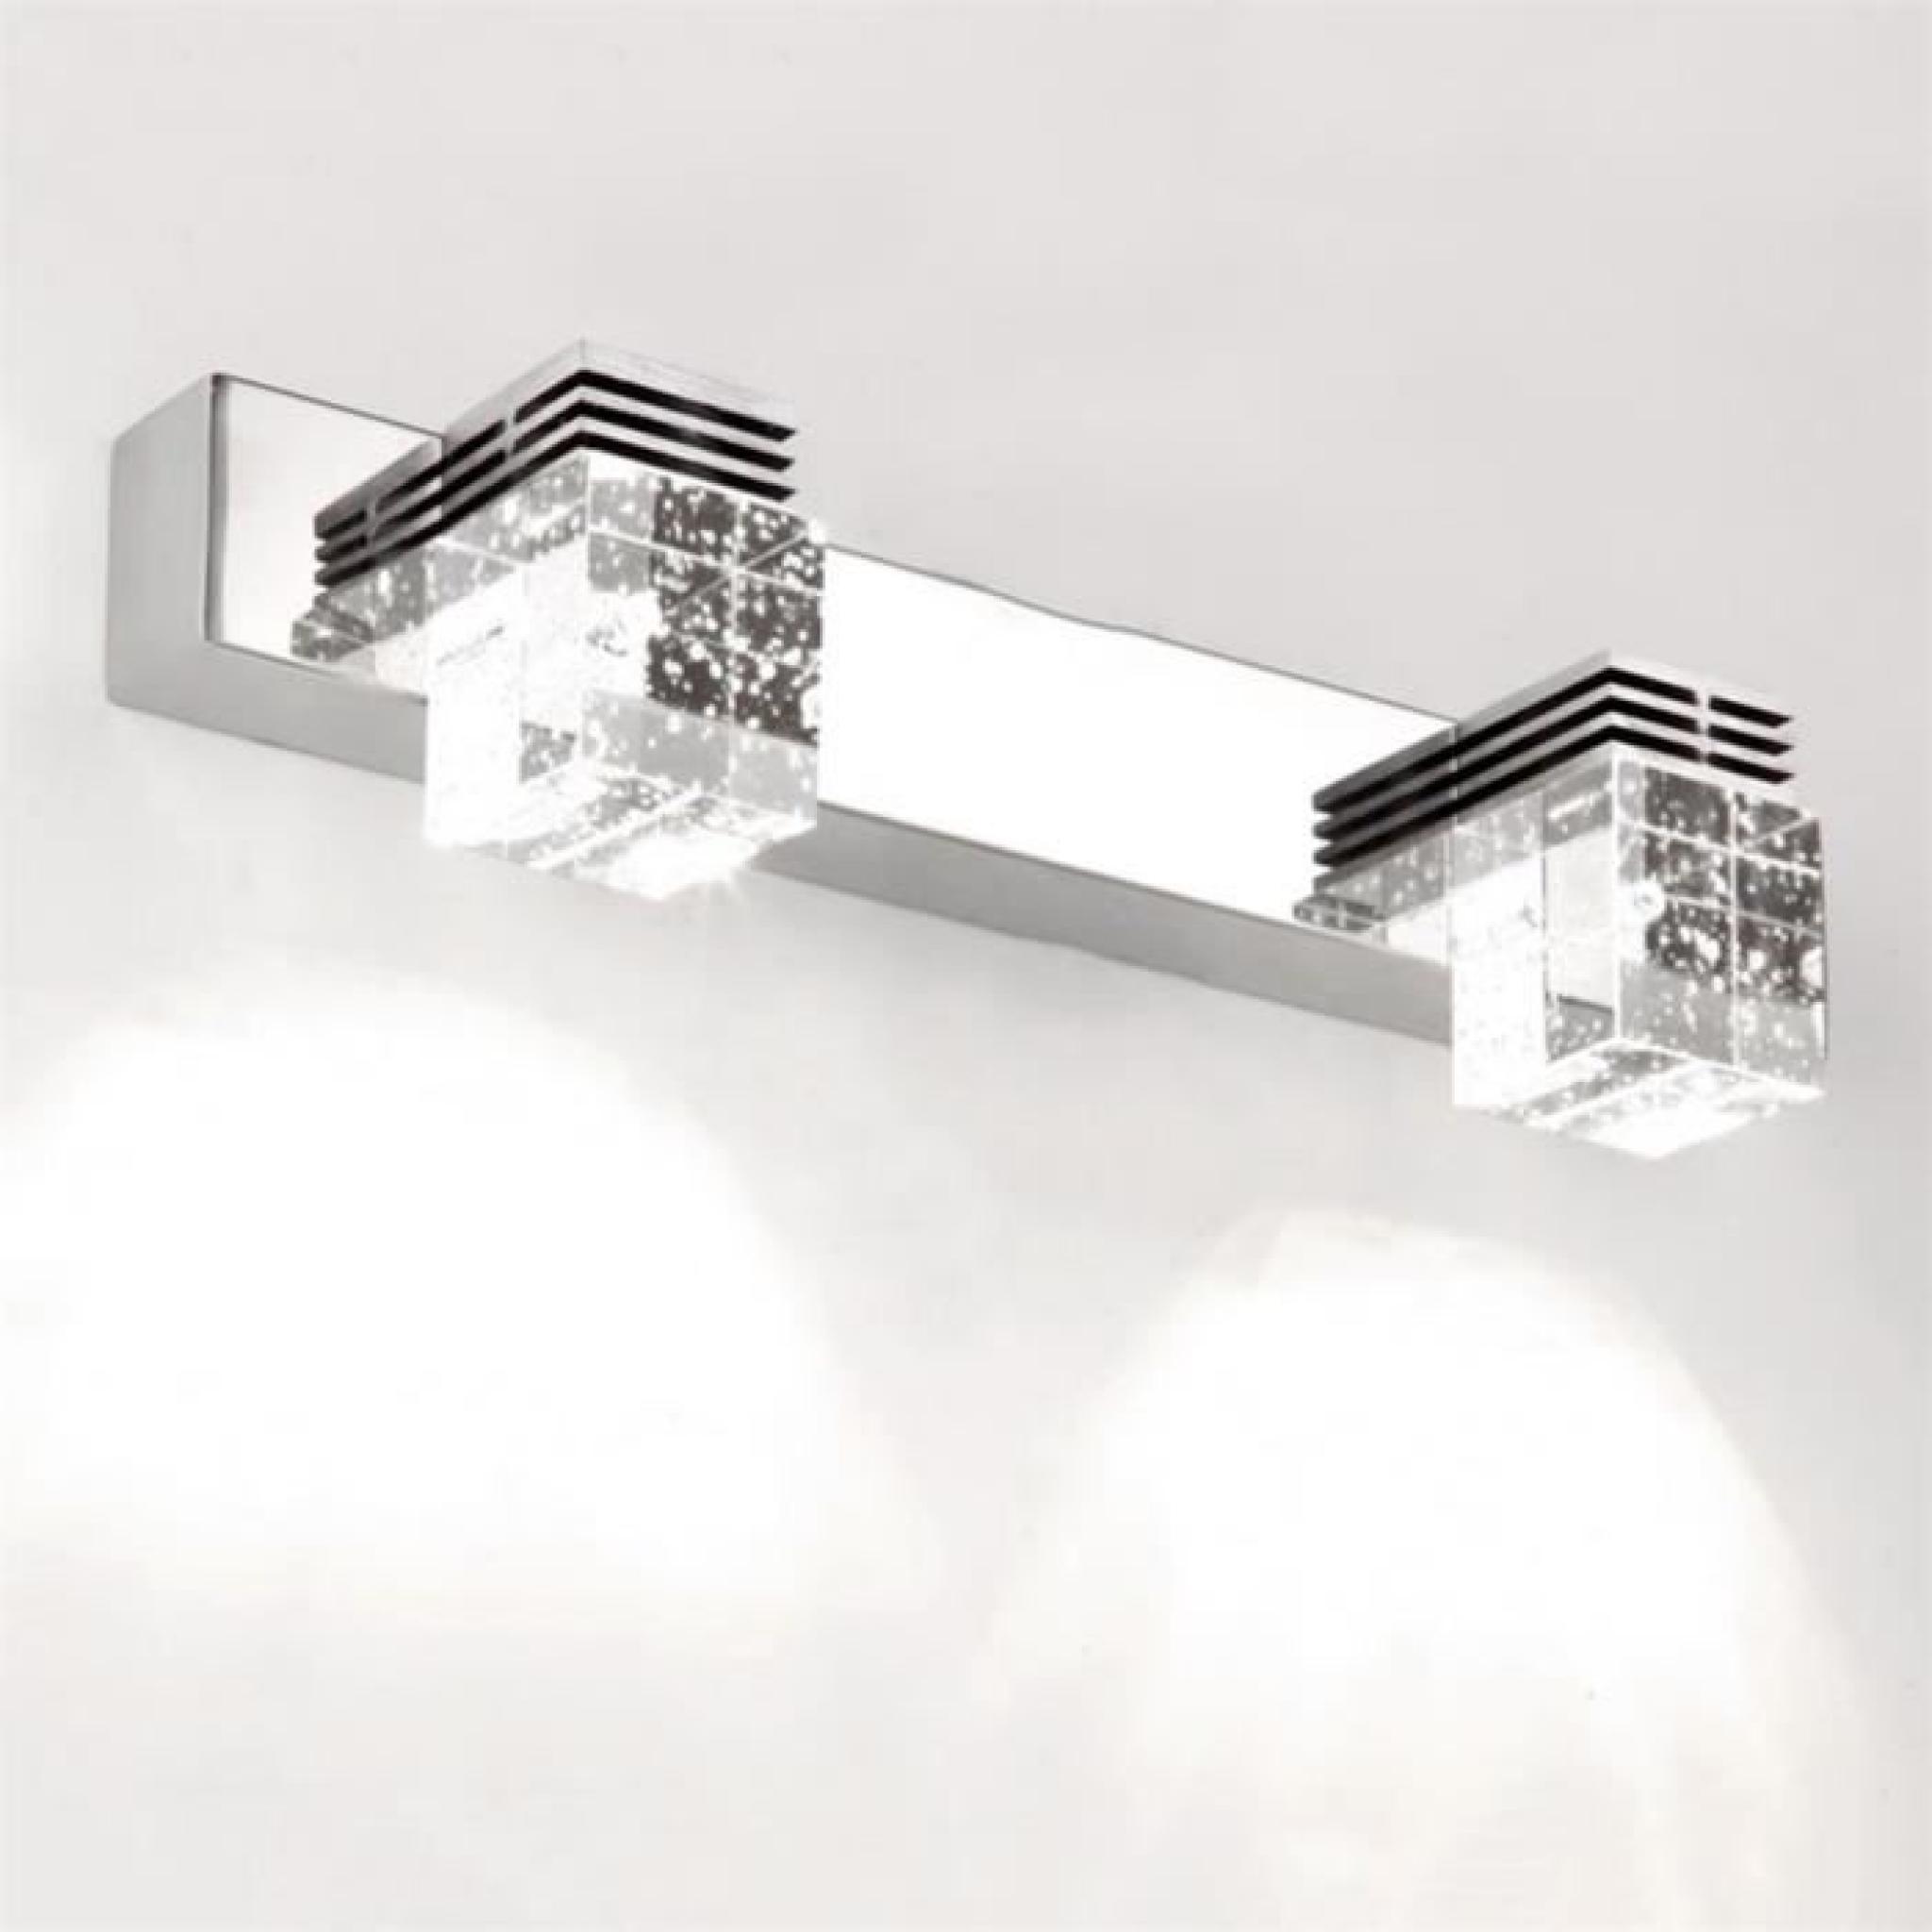 applique salle de bain pas cher applique murale design. Black Bedroom Furniture Sets. Home Design Ideas